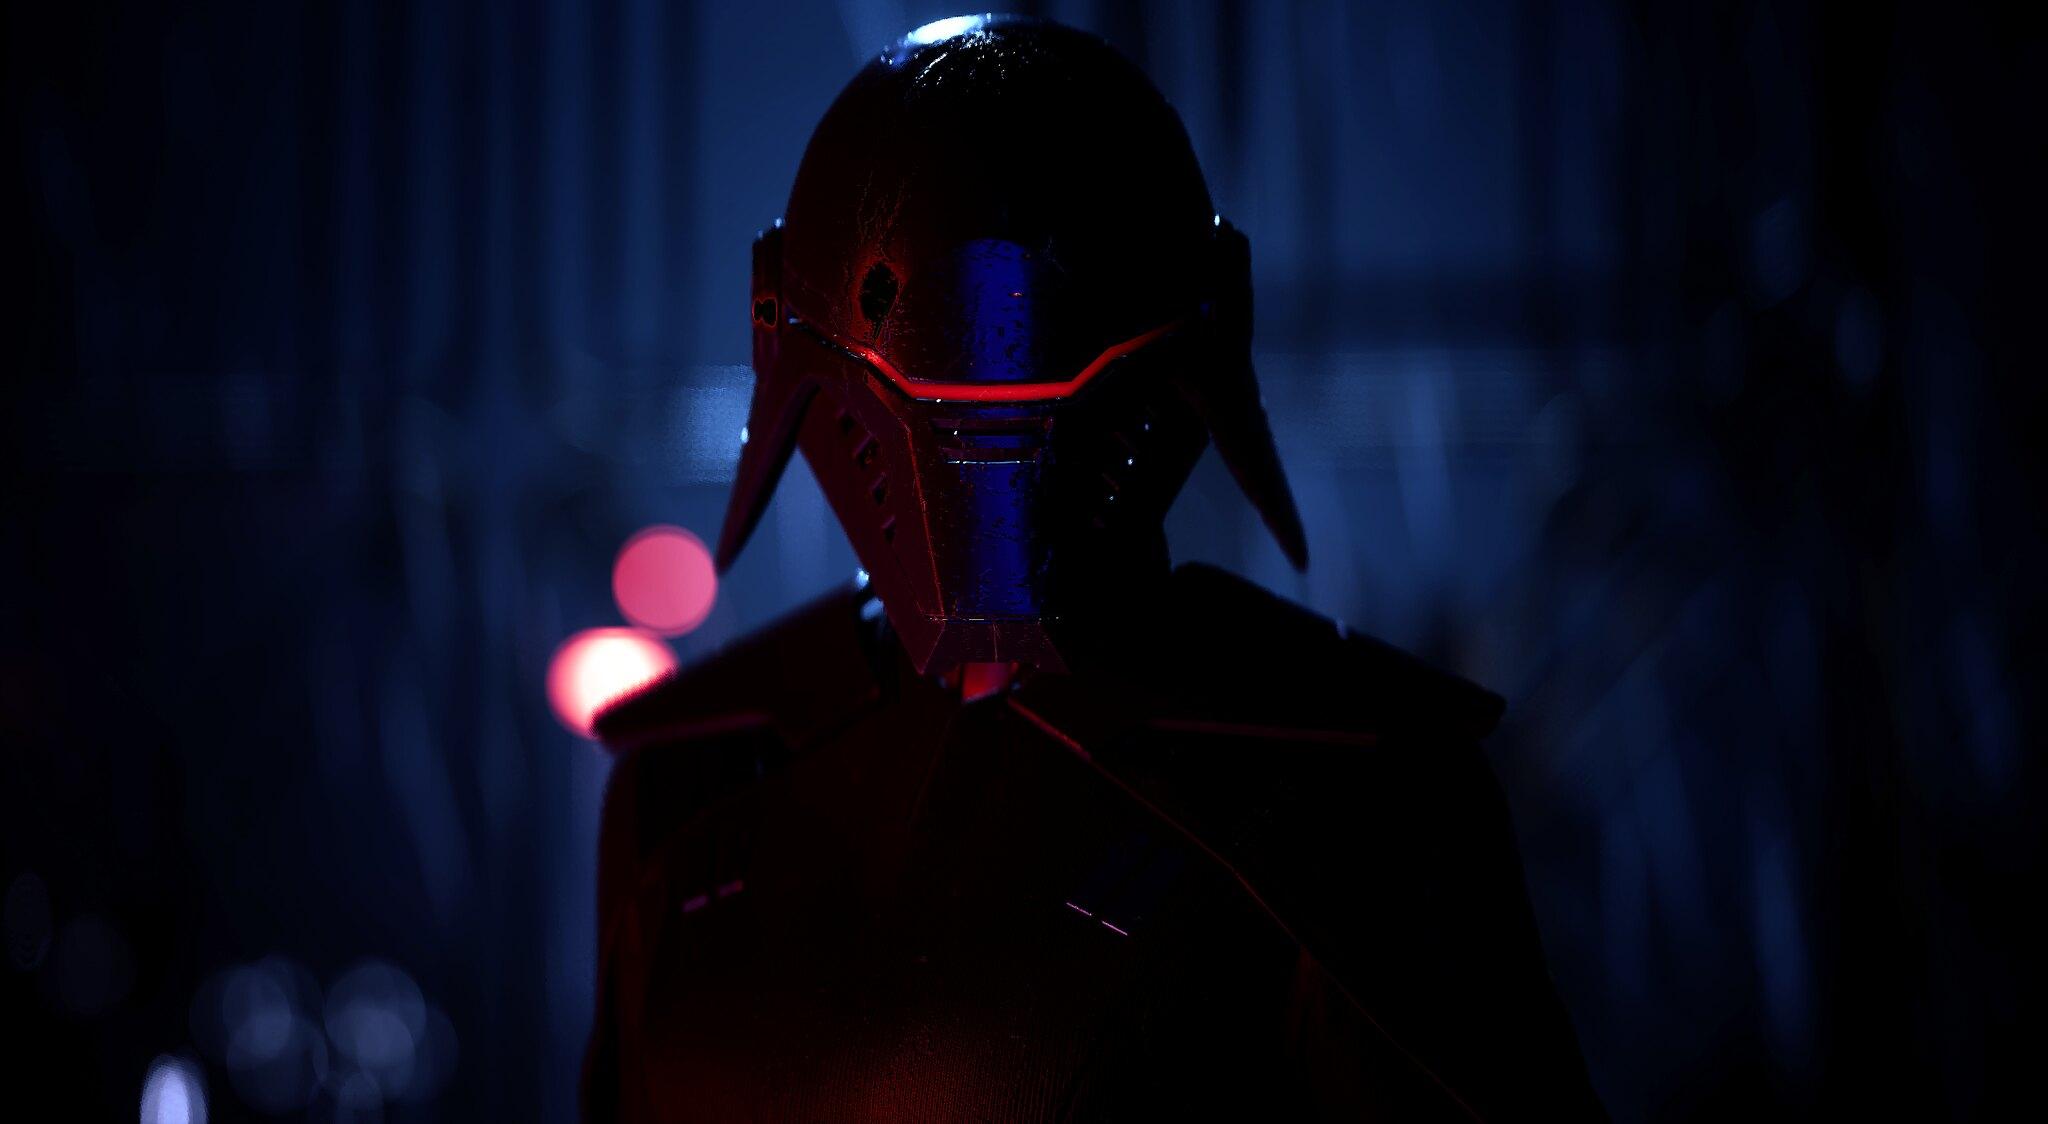 49075970373_b10989a78f_k.jpg - Star Wars Jedi: Fallen Order